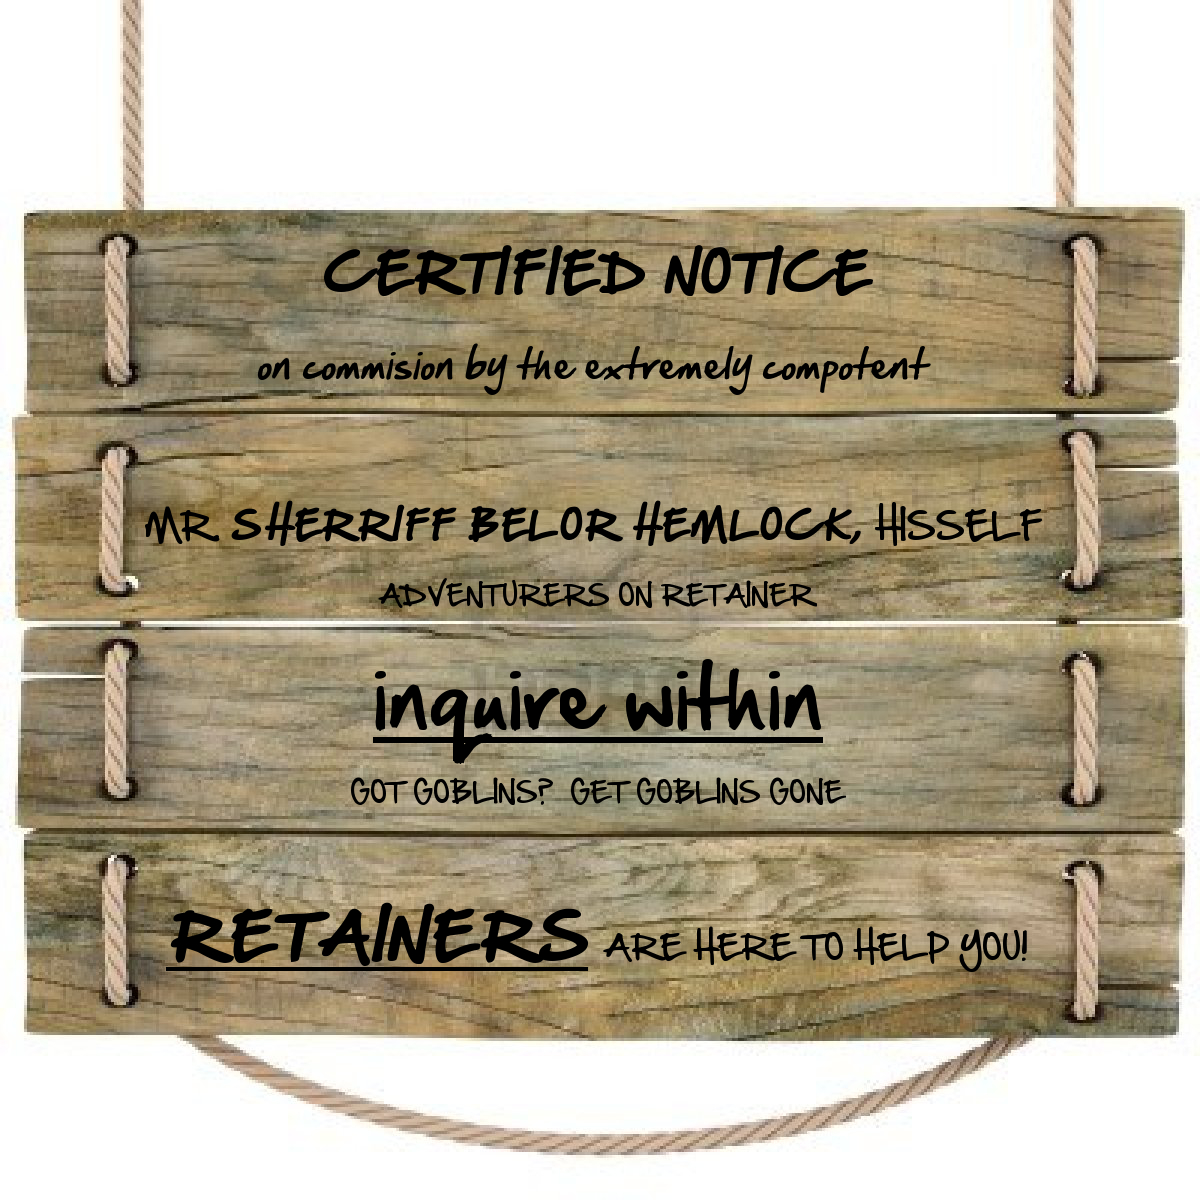 Retainers